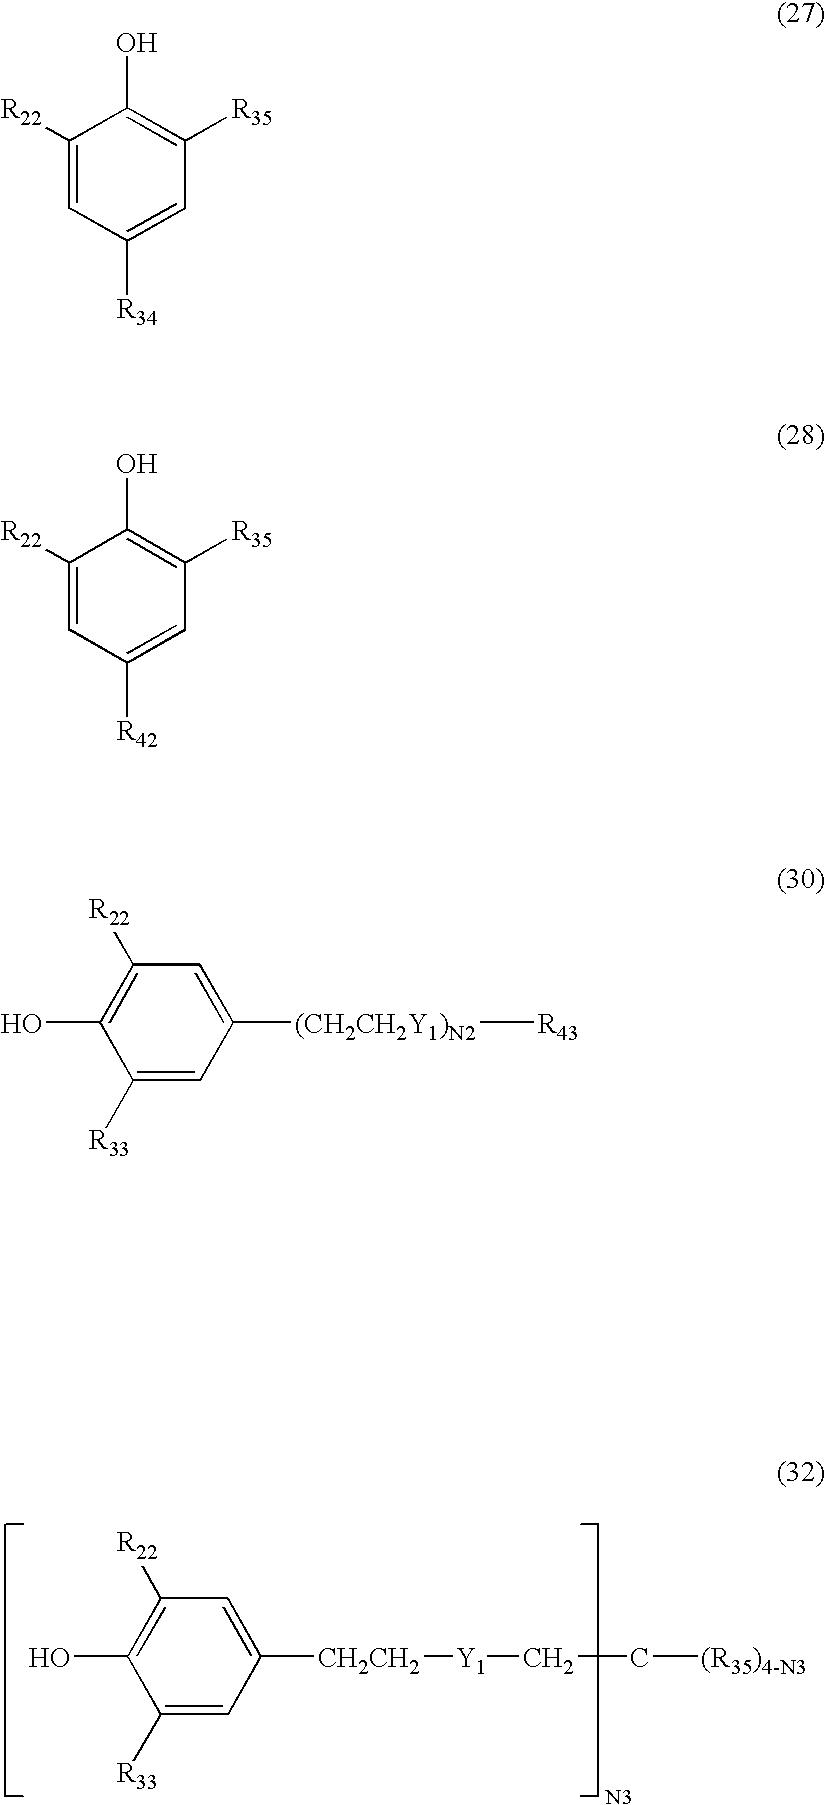 Figure US20040180994A1-20040916-C00068